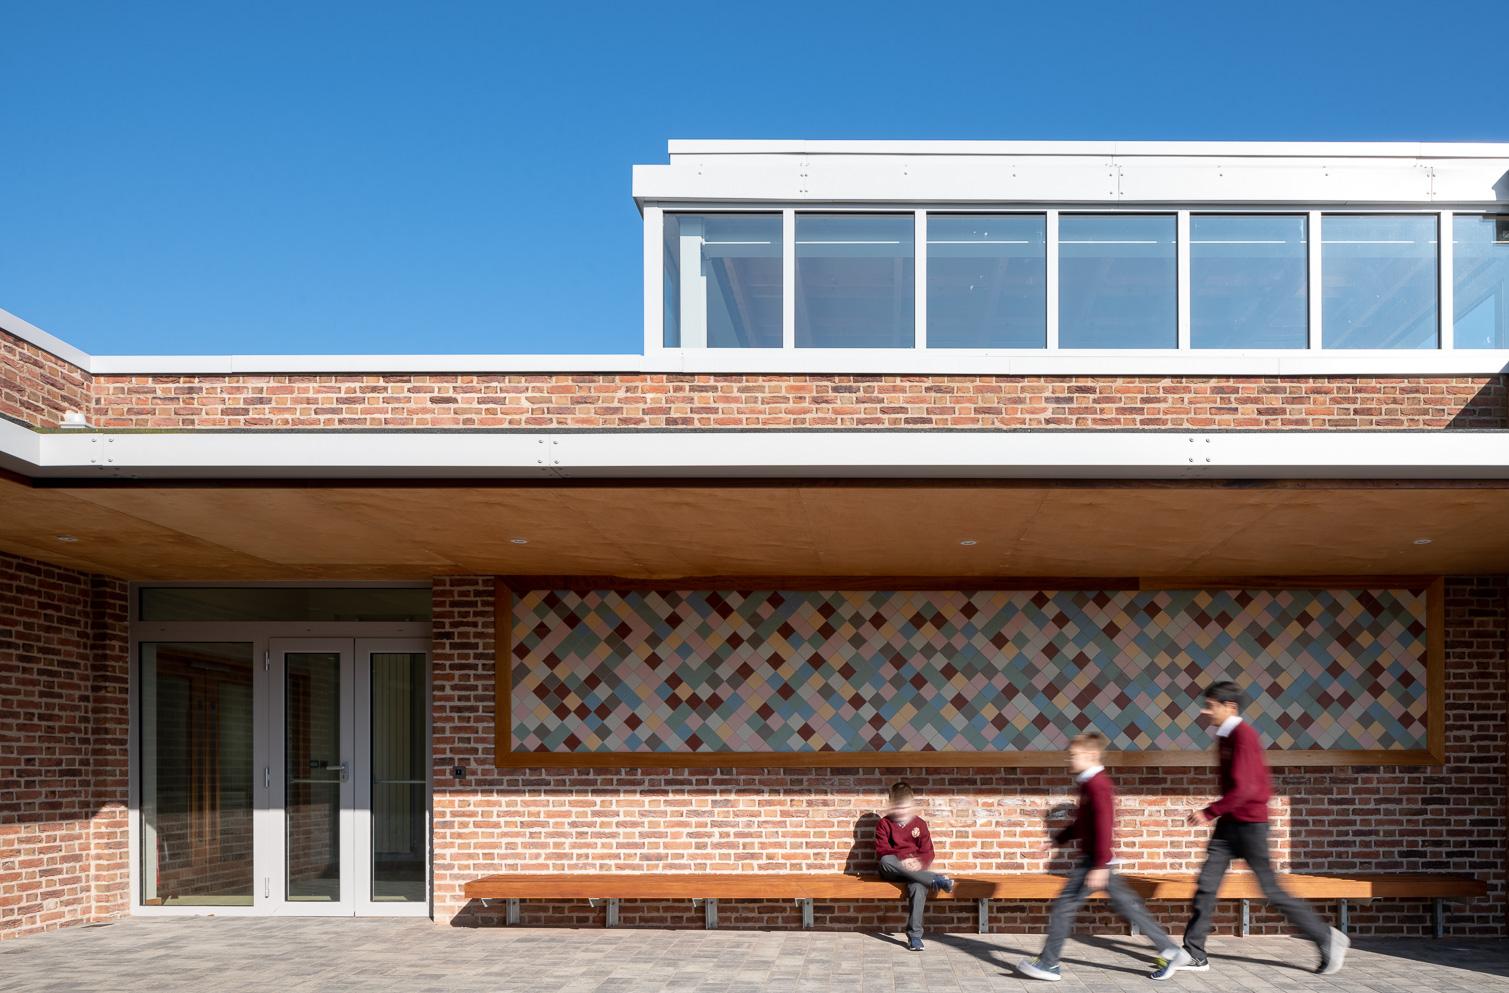 An Ríocht - Special Needs accommodation for Scoil Chríost Rí, Boys National School, Caherdavin, Limerick.